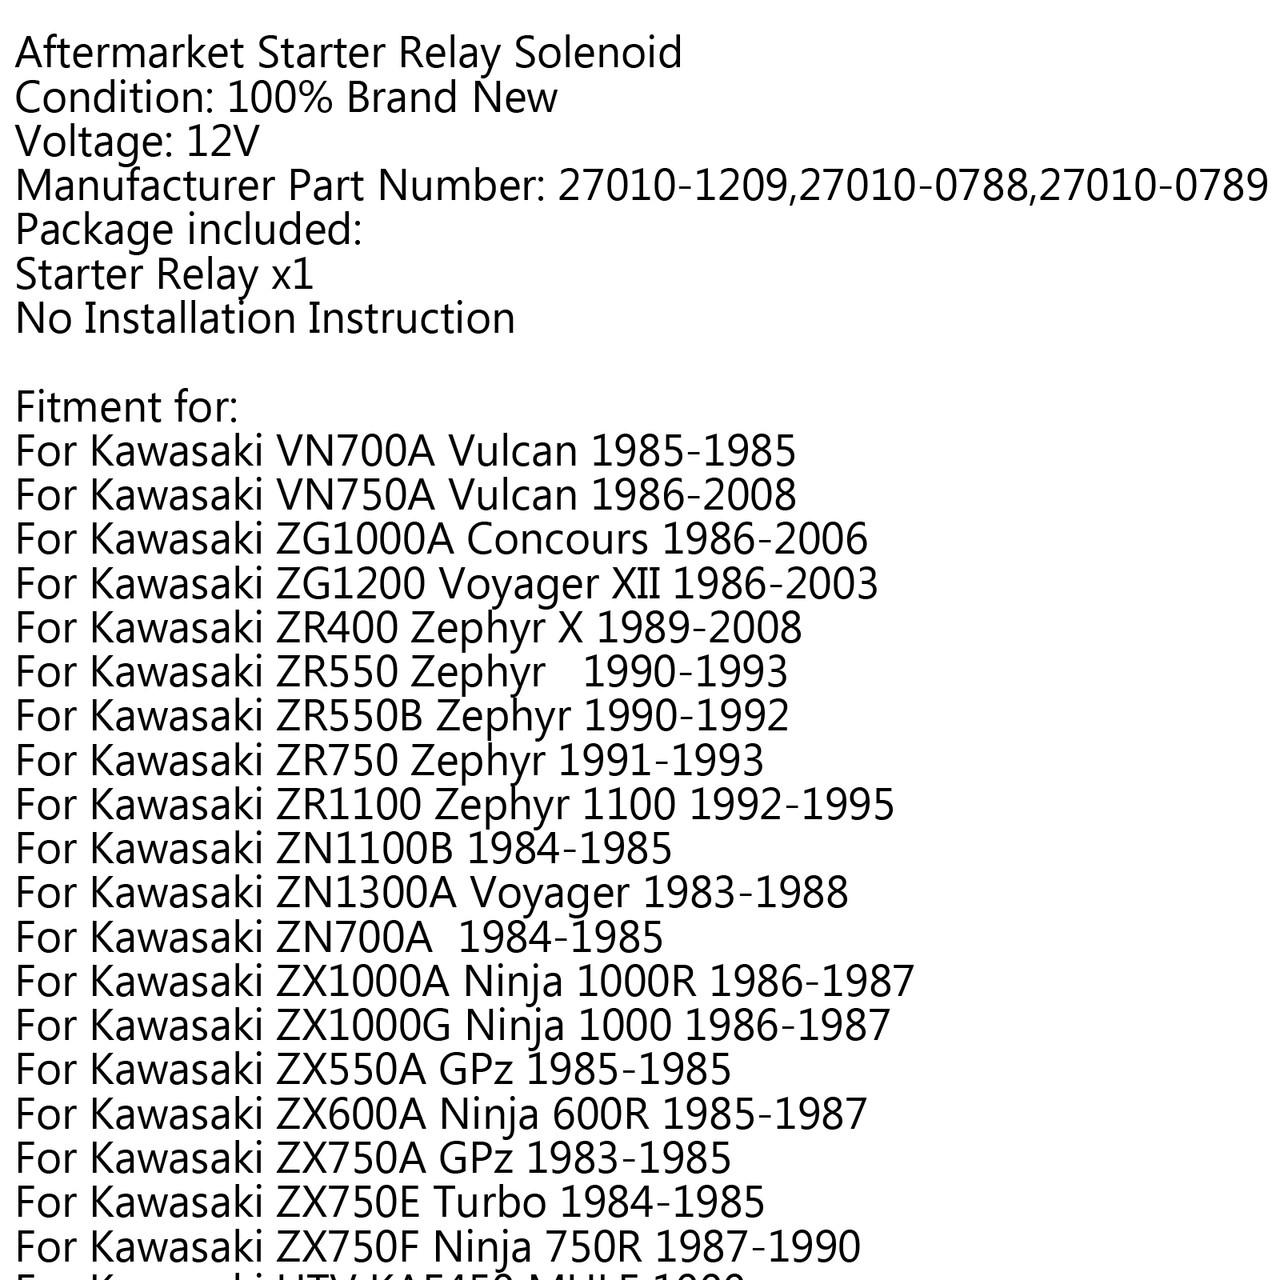 Starter Solenoid Relay For Kawasaki VN700A Vulcan (85-85) VN750A Vulcan (86-08) ZG1000A Concours (86-06) ZR400 Zephyr X (89-08)